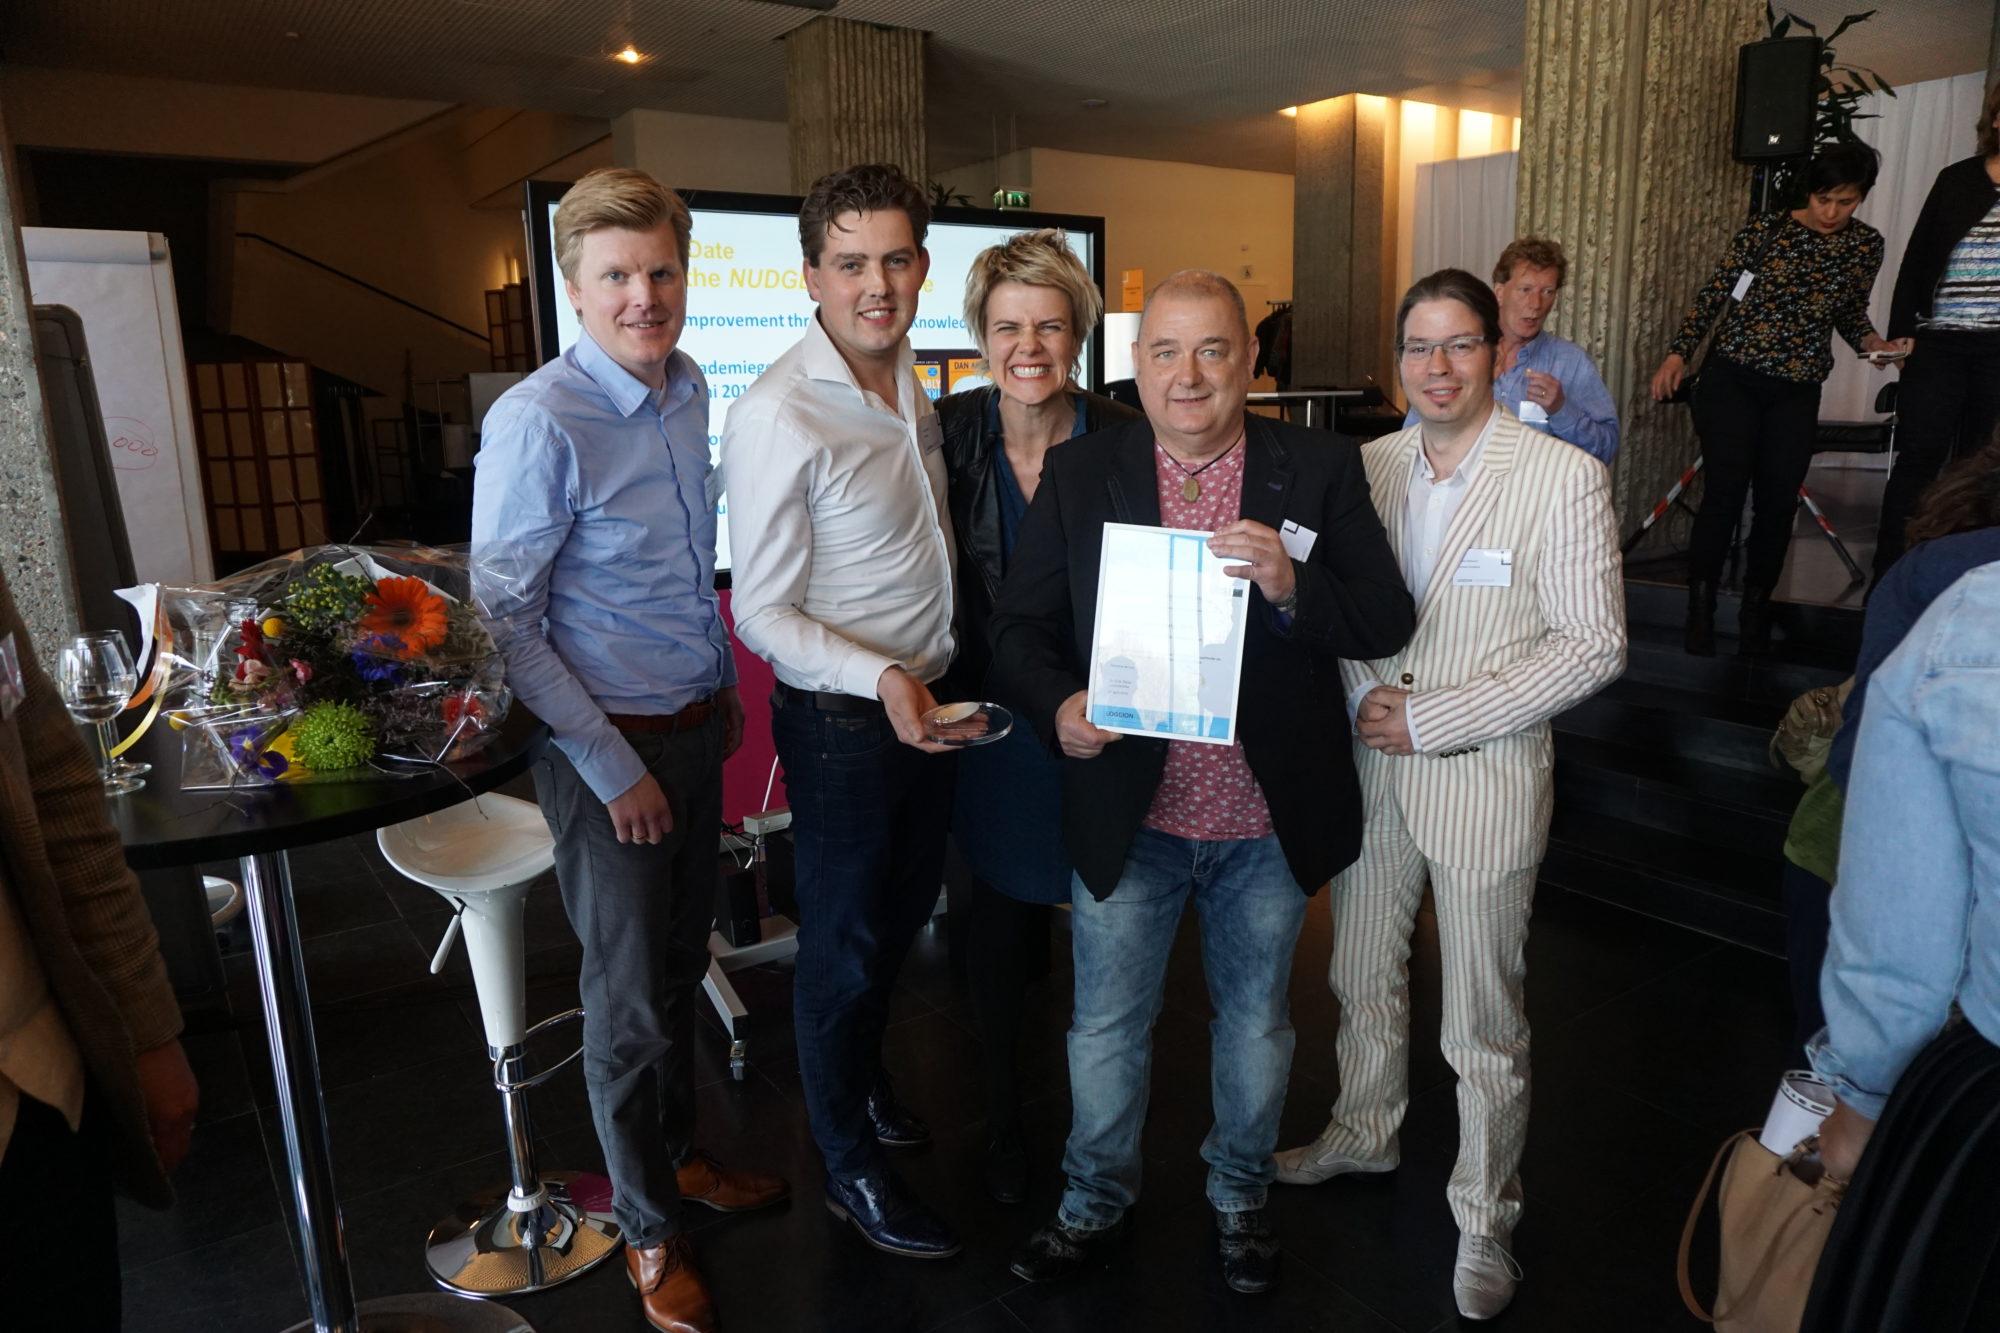 Jij&Overijssel wint Galjaardprijs